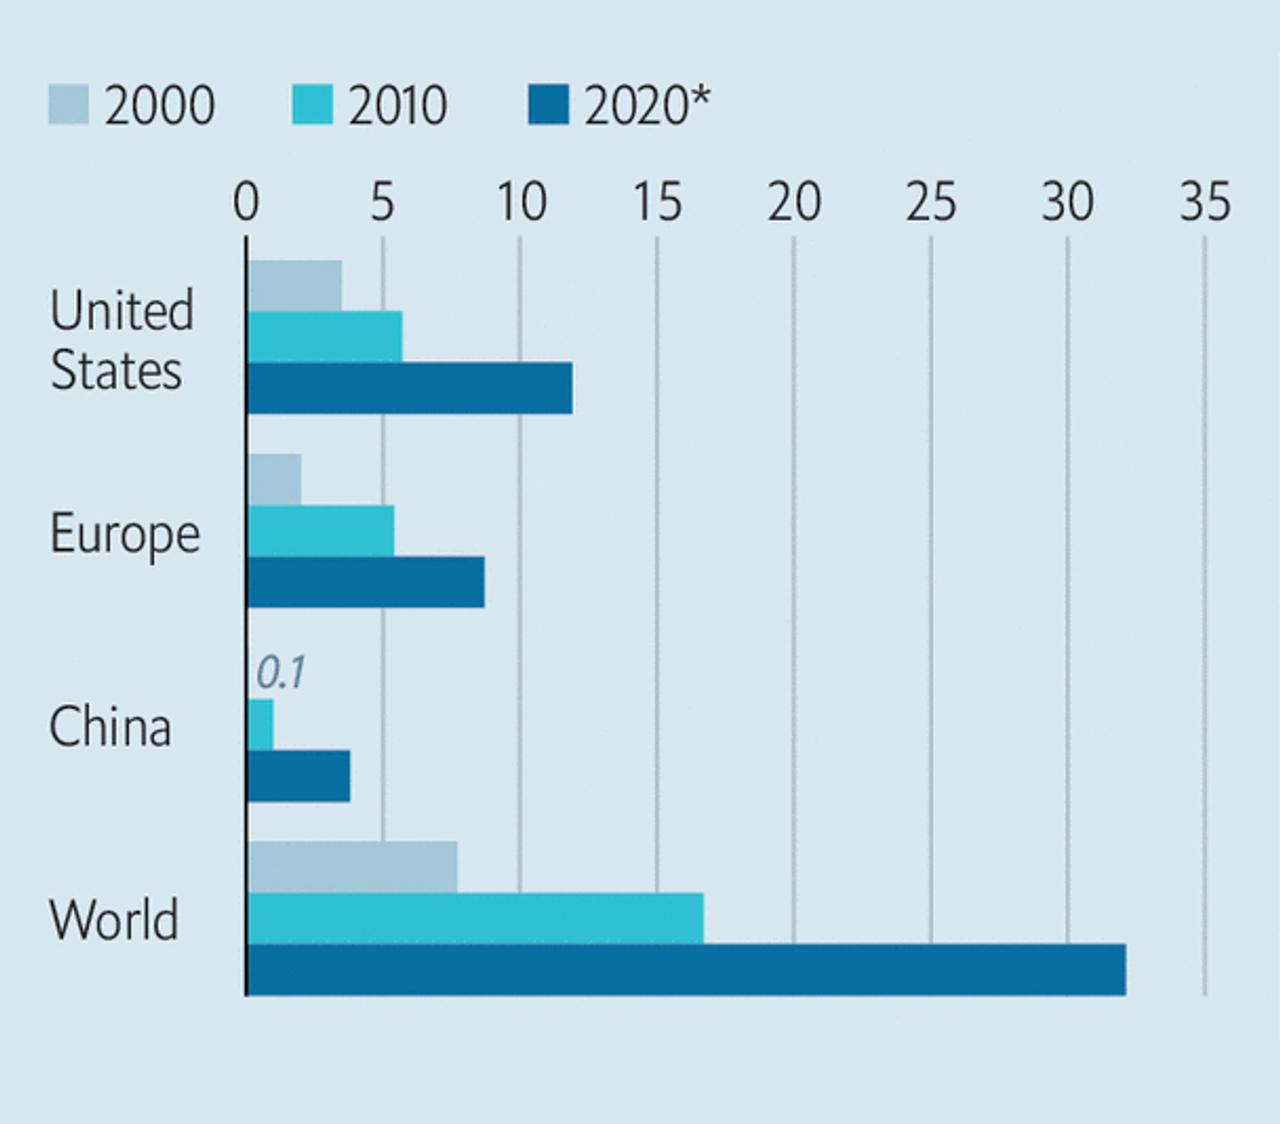 Объем доступной для инвестирования коммерческой недвижимости в США, Европе, Китае и во всем мире в разные годы в триллионах долларов. 2020 год — предварительная оценка. Источник: TheEconomist